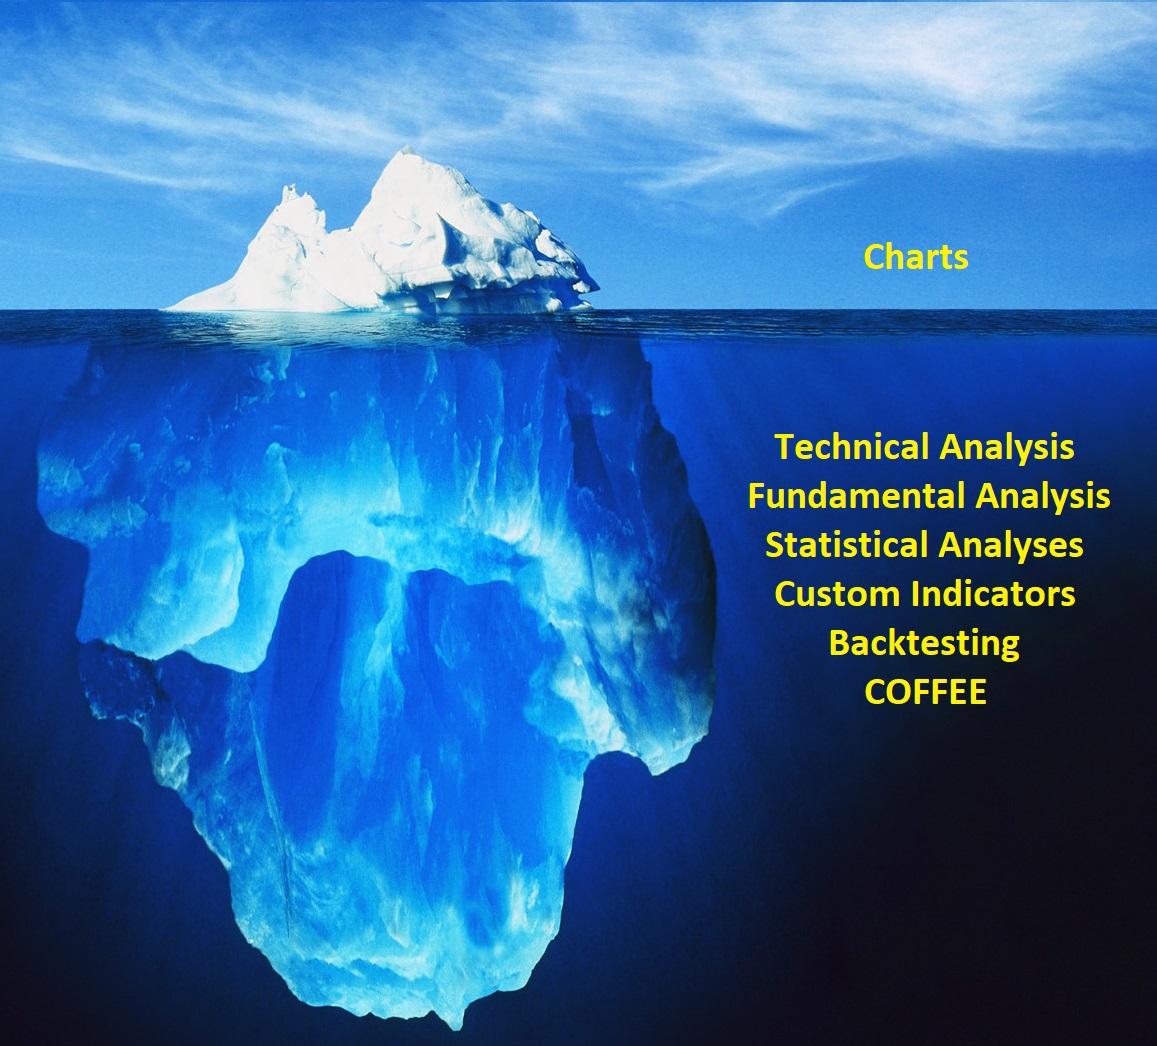 tip_of_the_iceberg.jpg